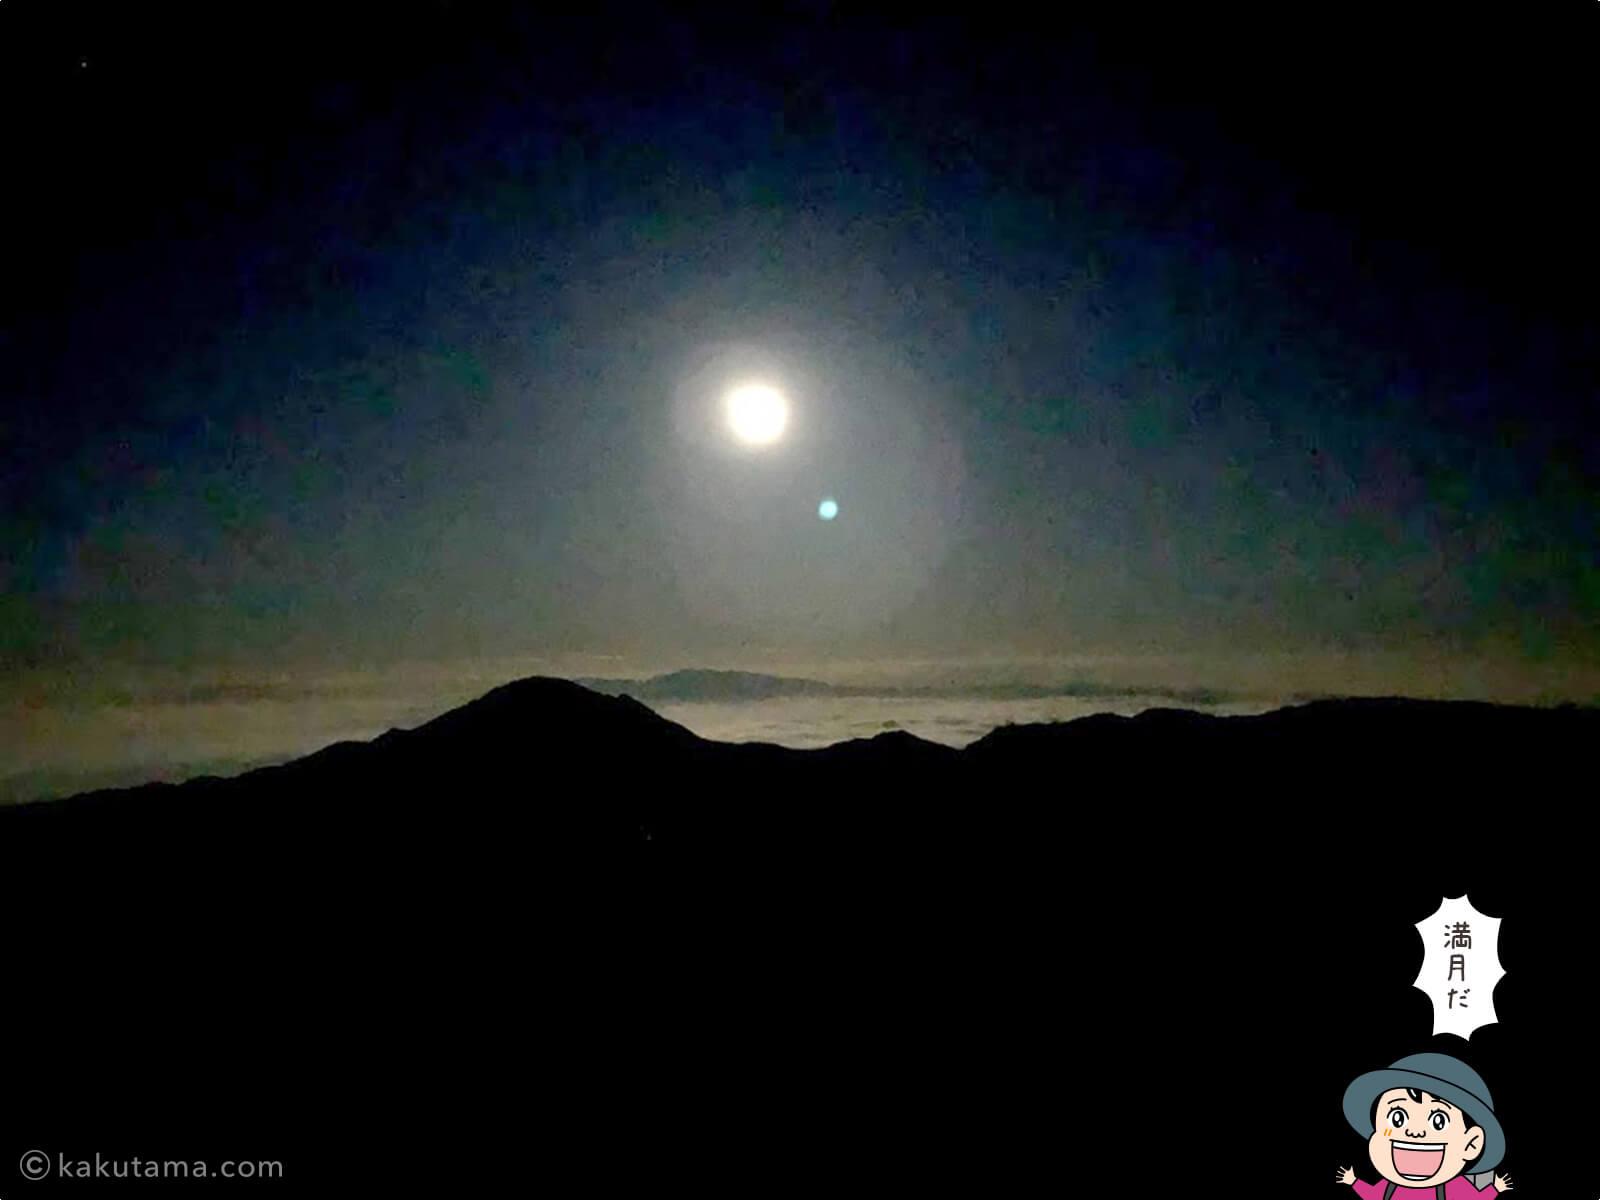 水晶小屋から見た満月